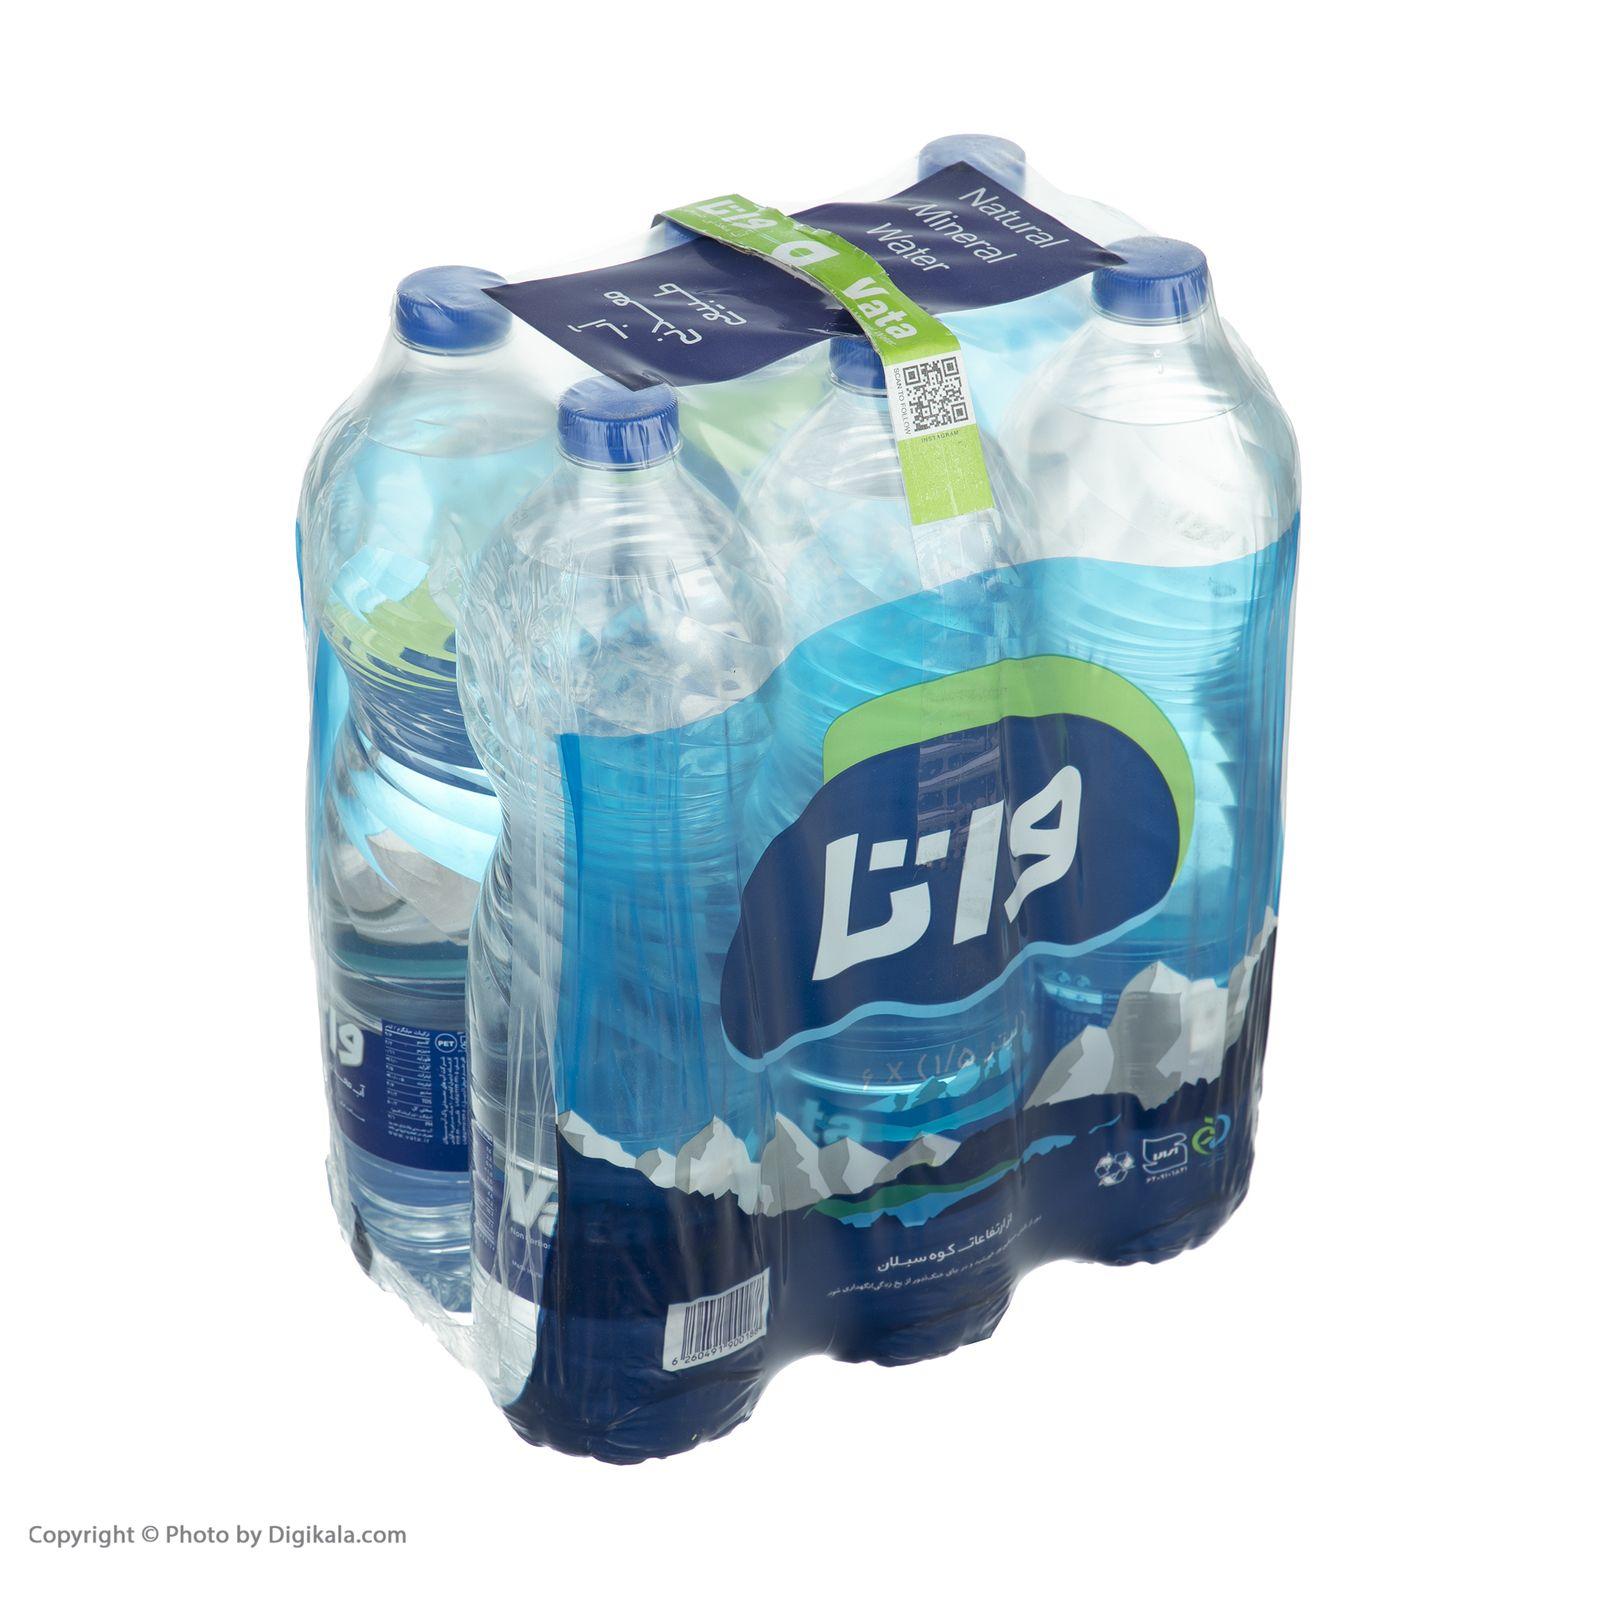 آب معدنی واتا حجم 1500 میلی لیتر بسته 6 عددی main 1 7